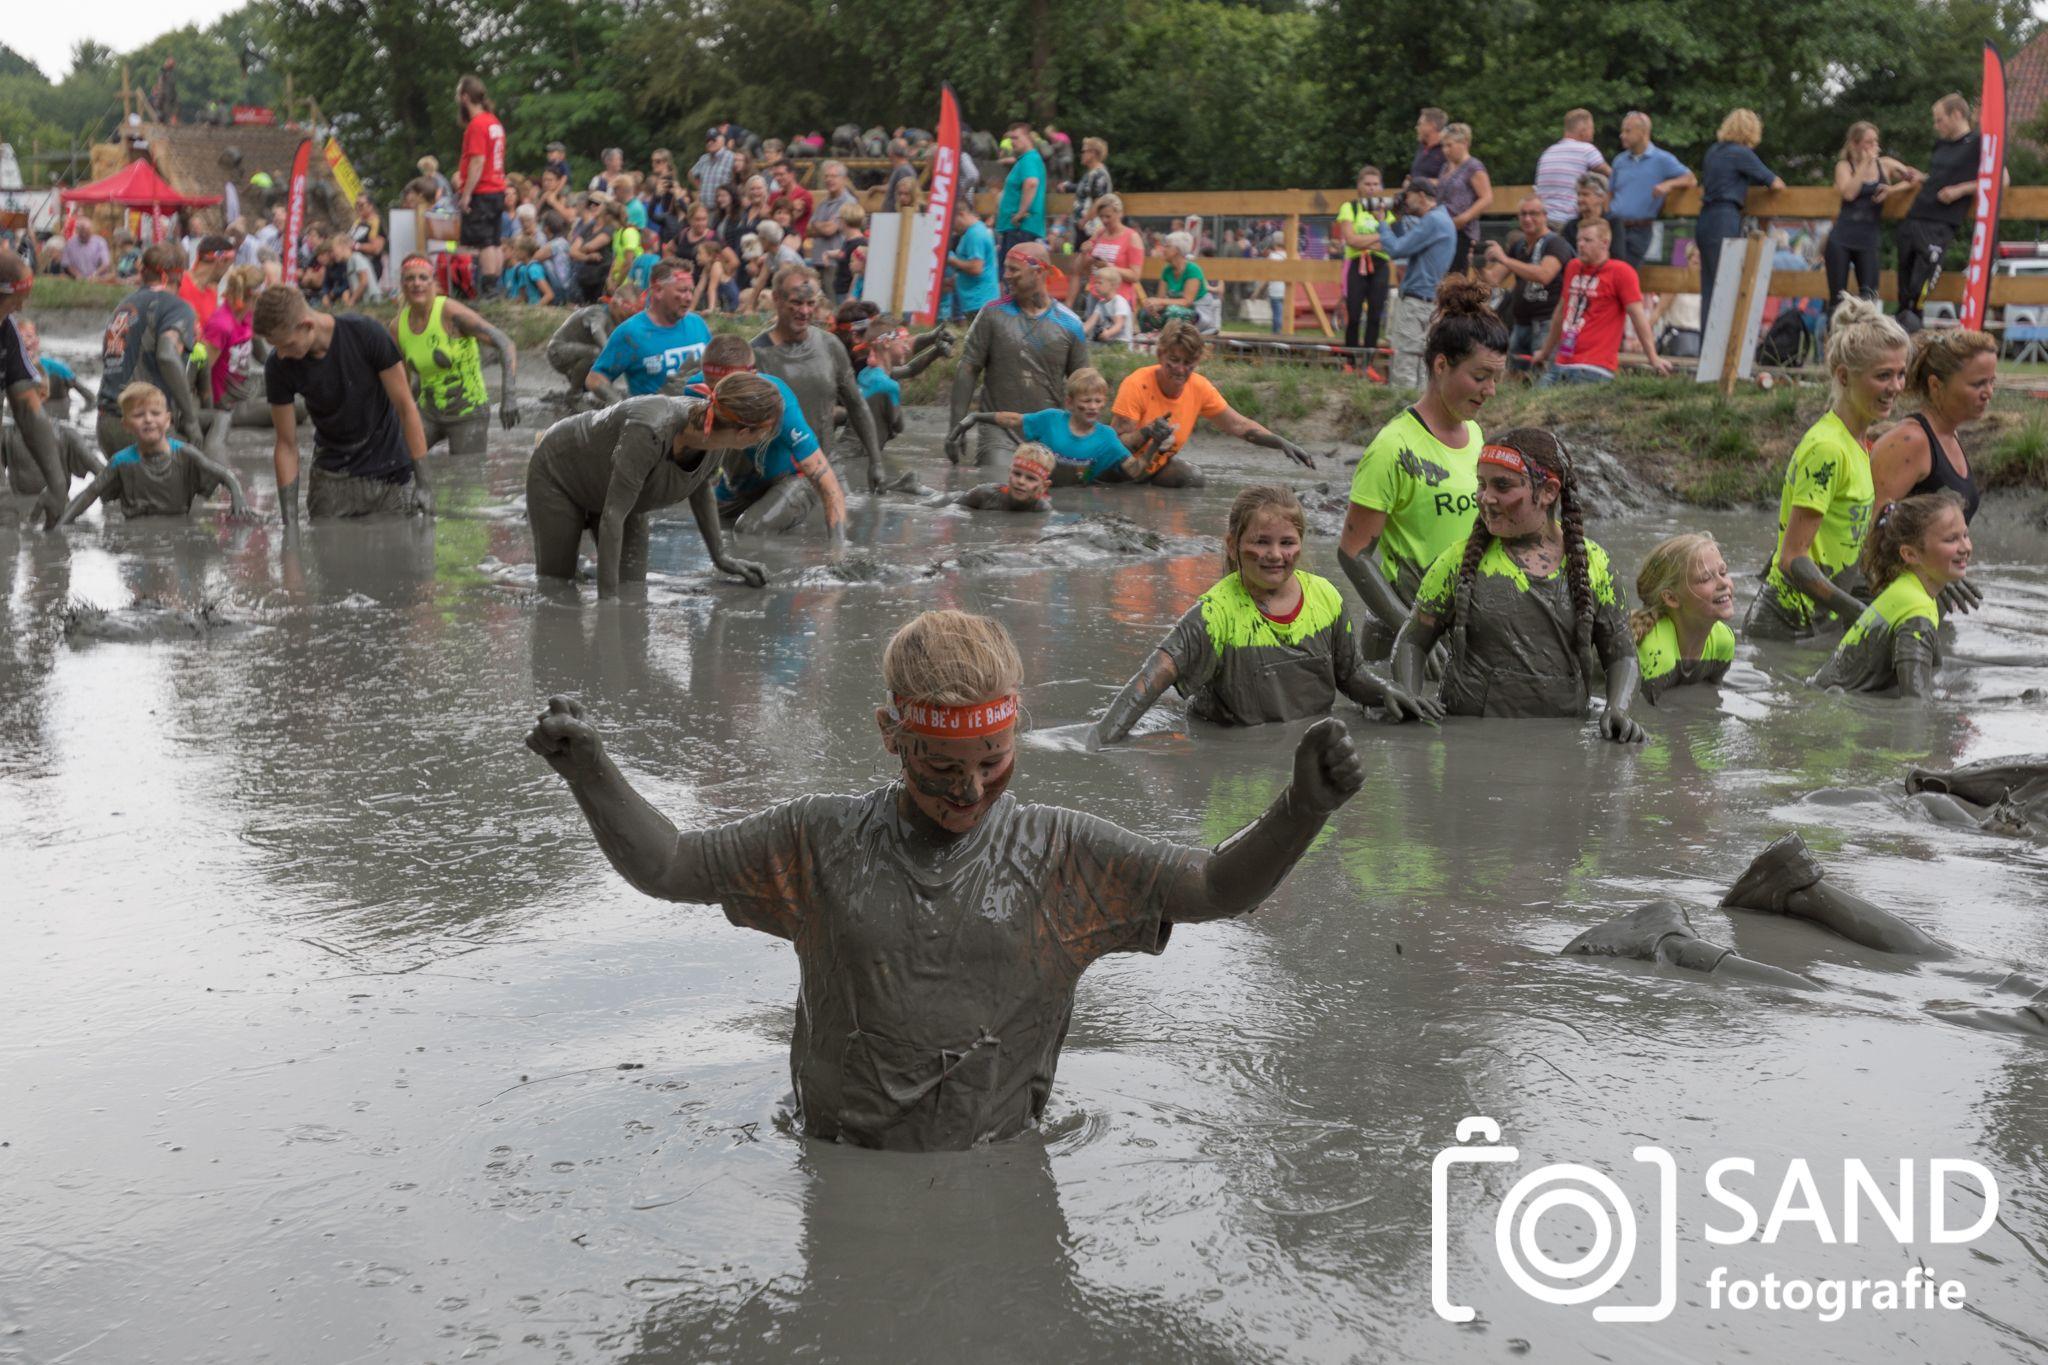 Tot de Nek in de Drek MudRun Obstacle Run Vriezenveen 2019 mmv Sand Fotografie